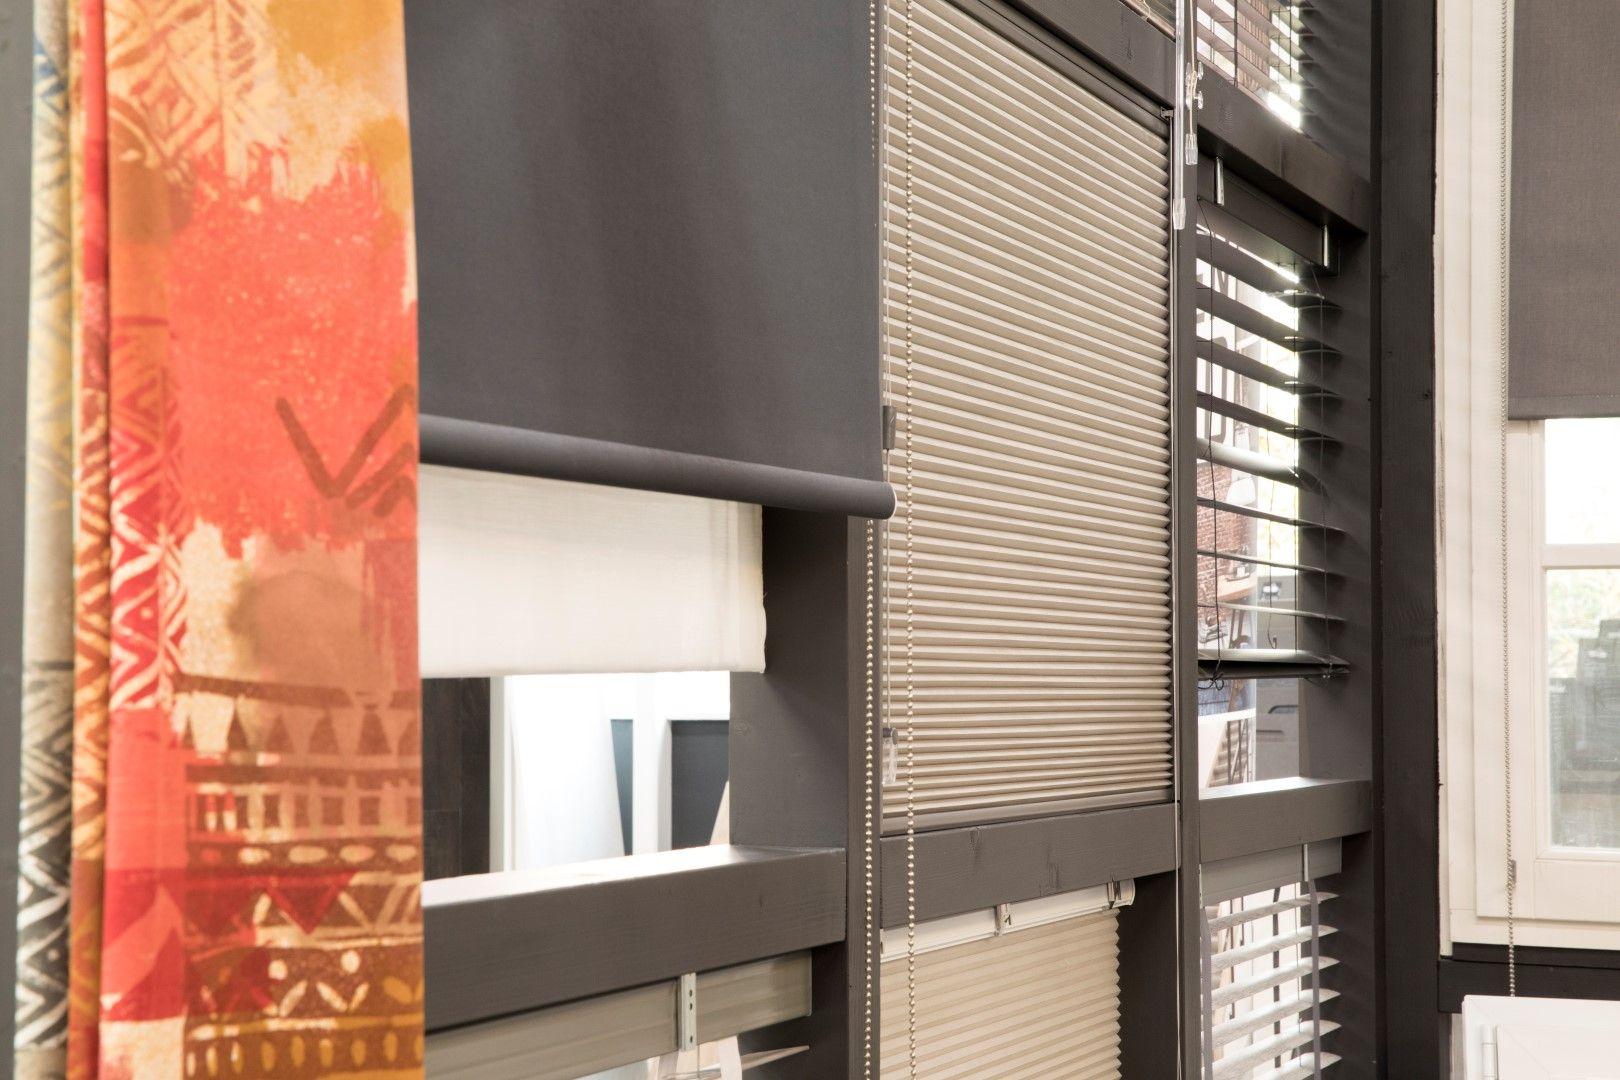 Een belangrijk onderdeel in ons interieur is de raamdecoratie het